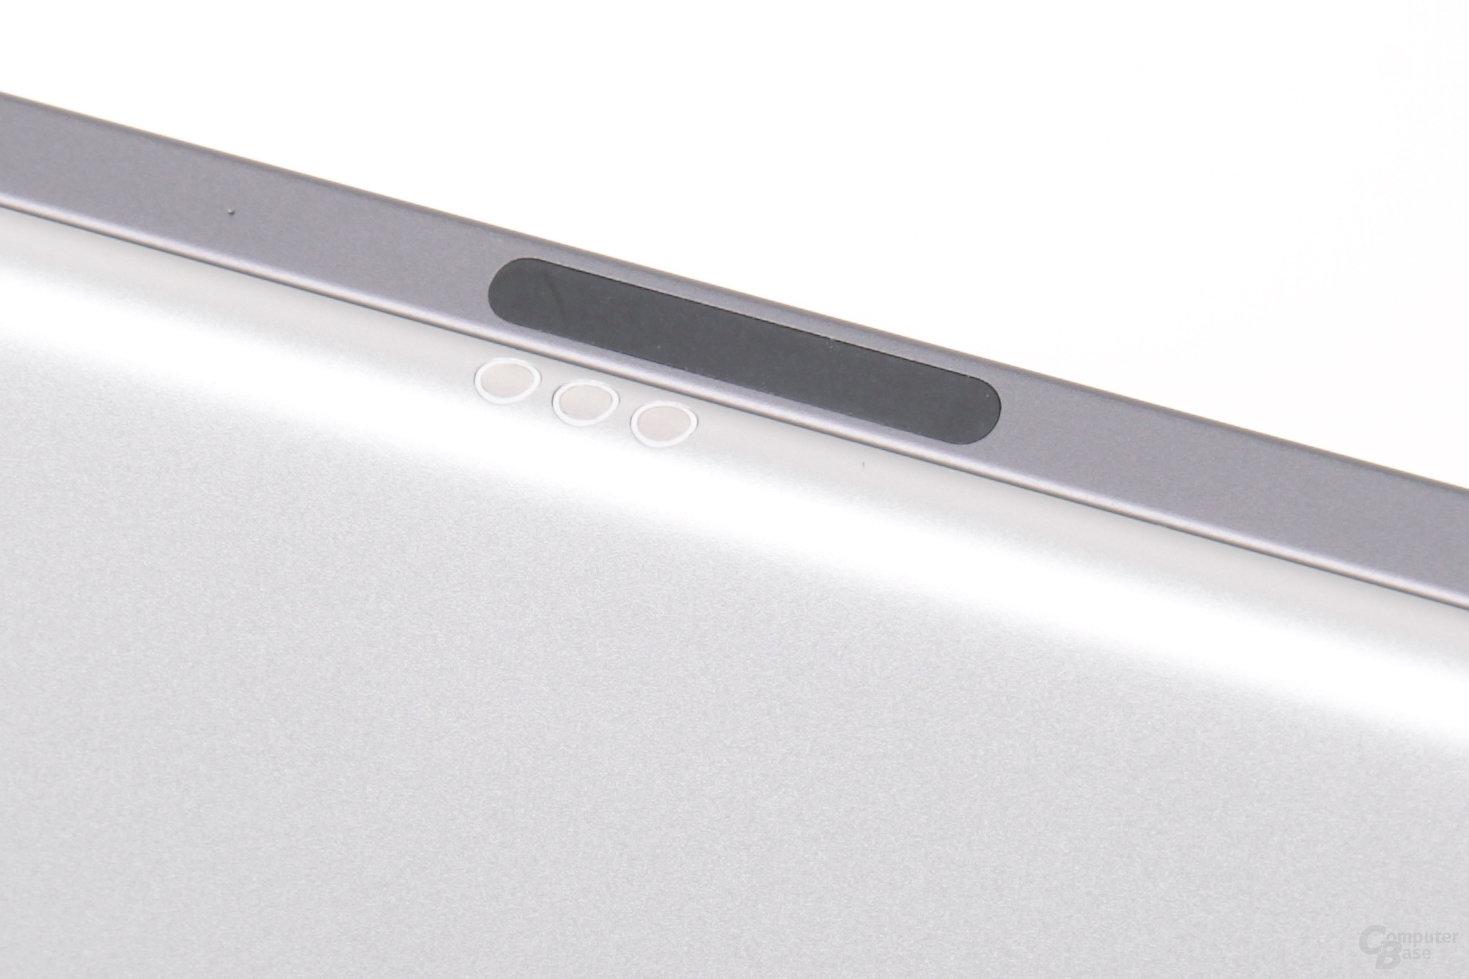 An dessen Stelle sitzt nun der Magnetic Connector für den Apple Pencil